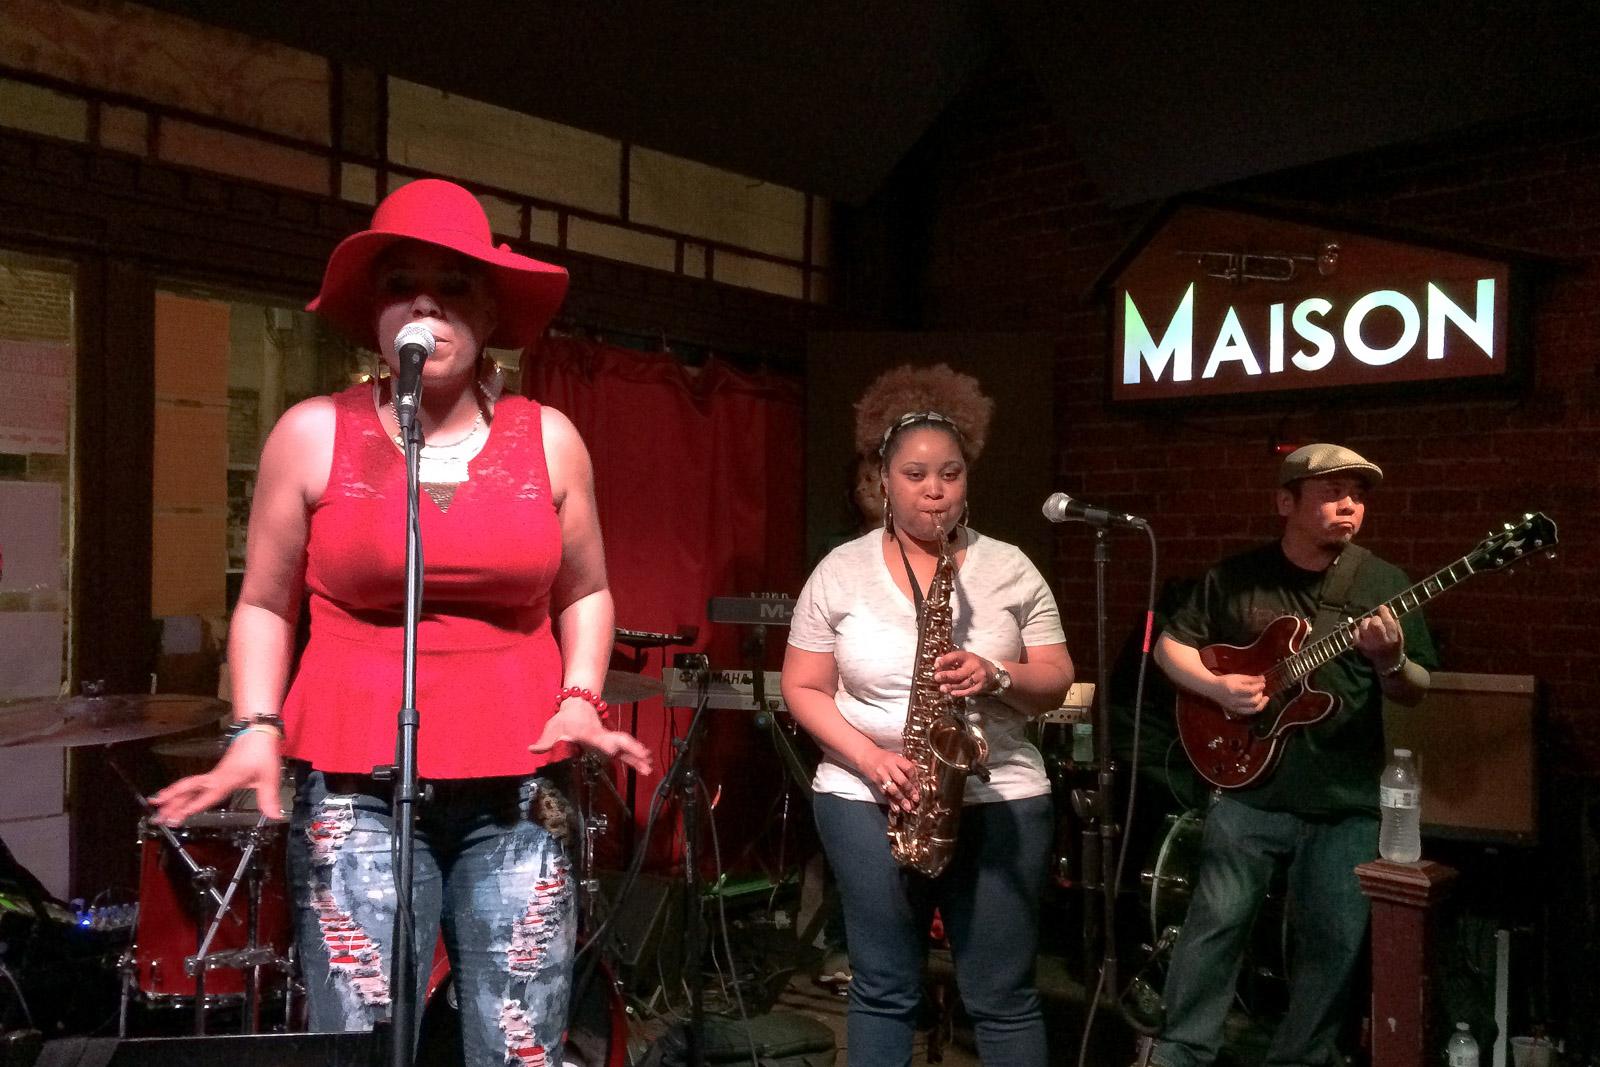 In Clubs wie dem Maison bekommt man feinsten Jazz oder Soul gratis - die Musiker freuen sich aber über Trinkgelder.